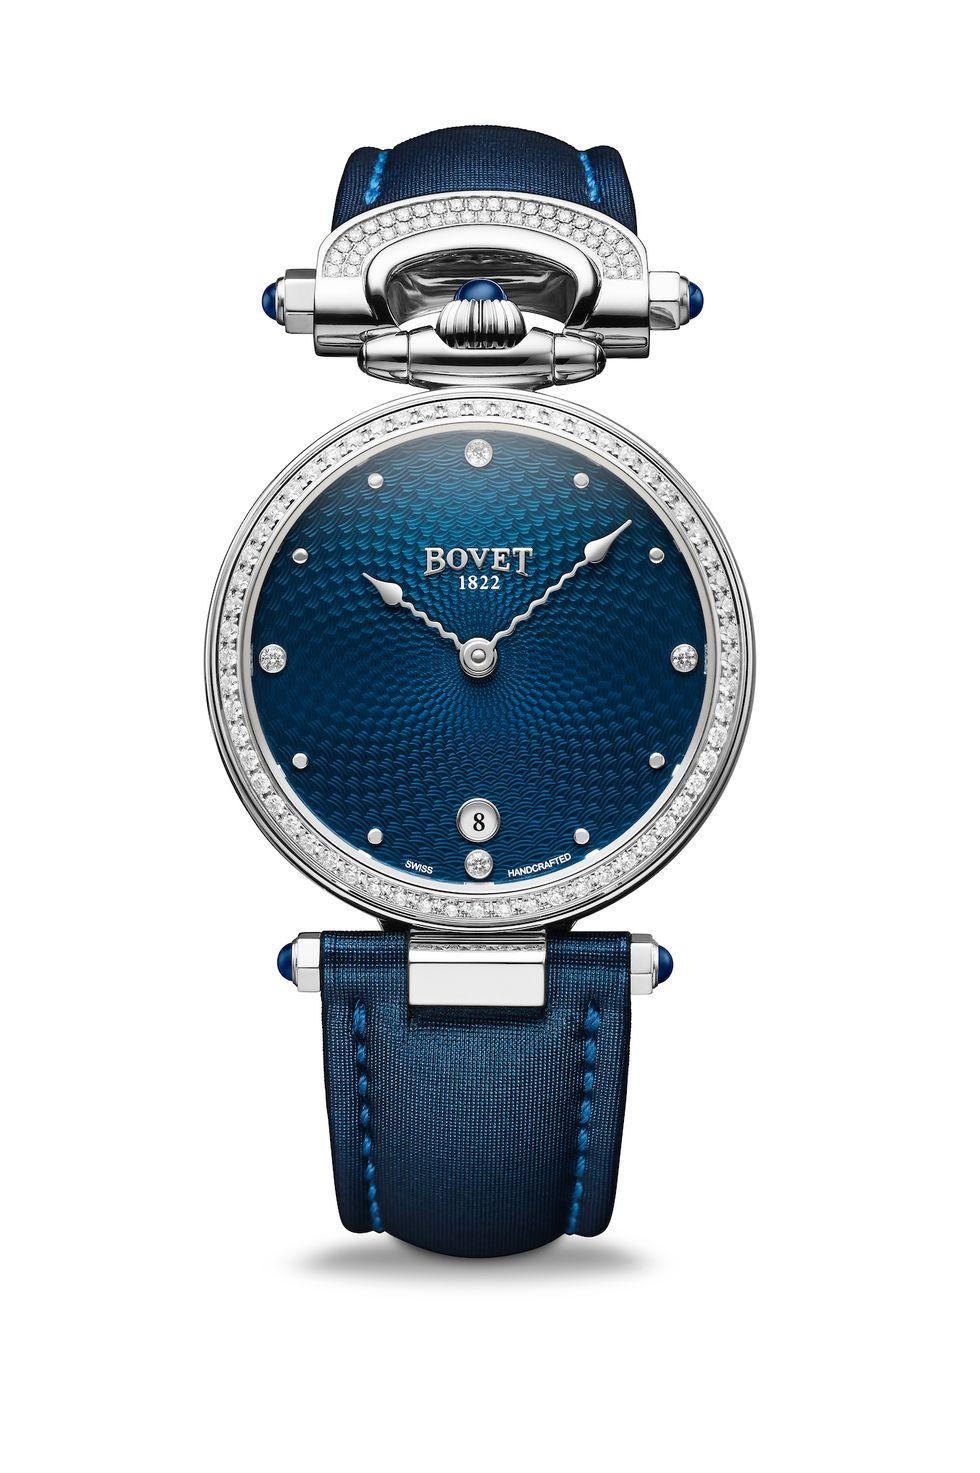 3fe6dfcb5 هي ساعة قابلة للتحويل من ساعة اليد لساعة الطاولة إلى قلادة . تتوفر الساعة  باللونين الأزرق والبني مع علبة من الفولاذ المقاوم للصدأ قطرها 36 مم ،  وتعتبر ...